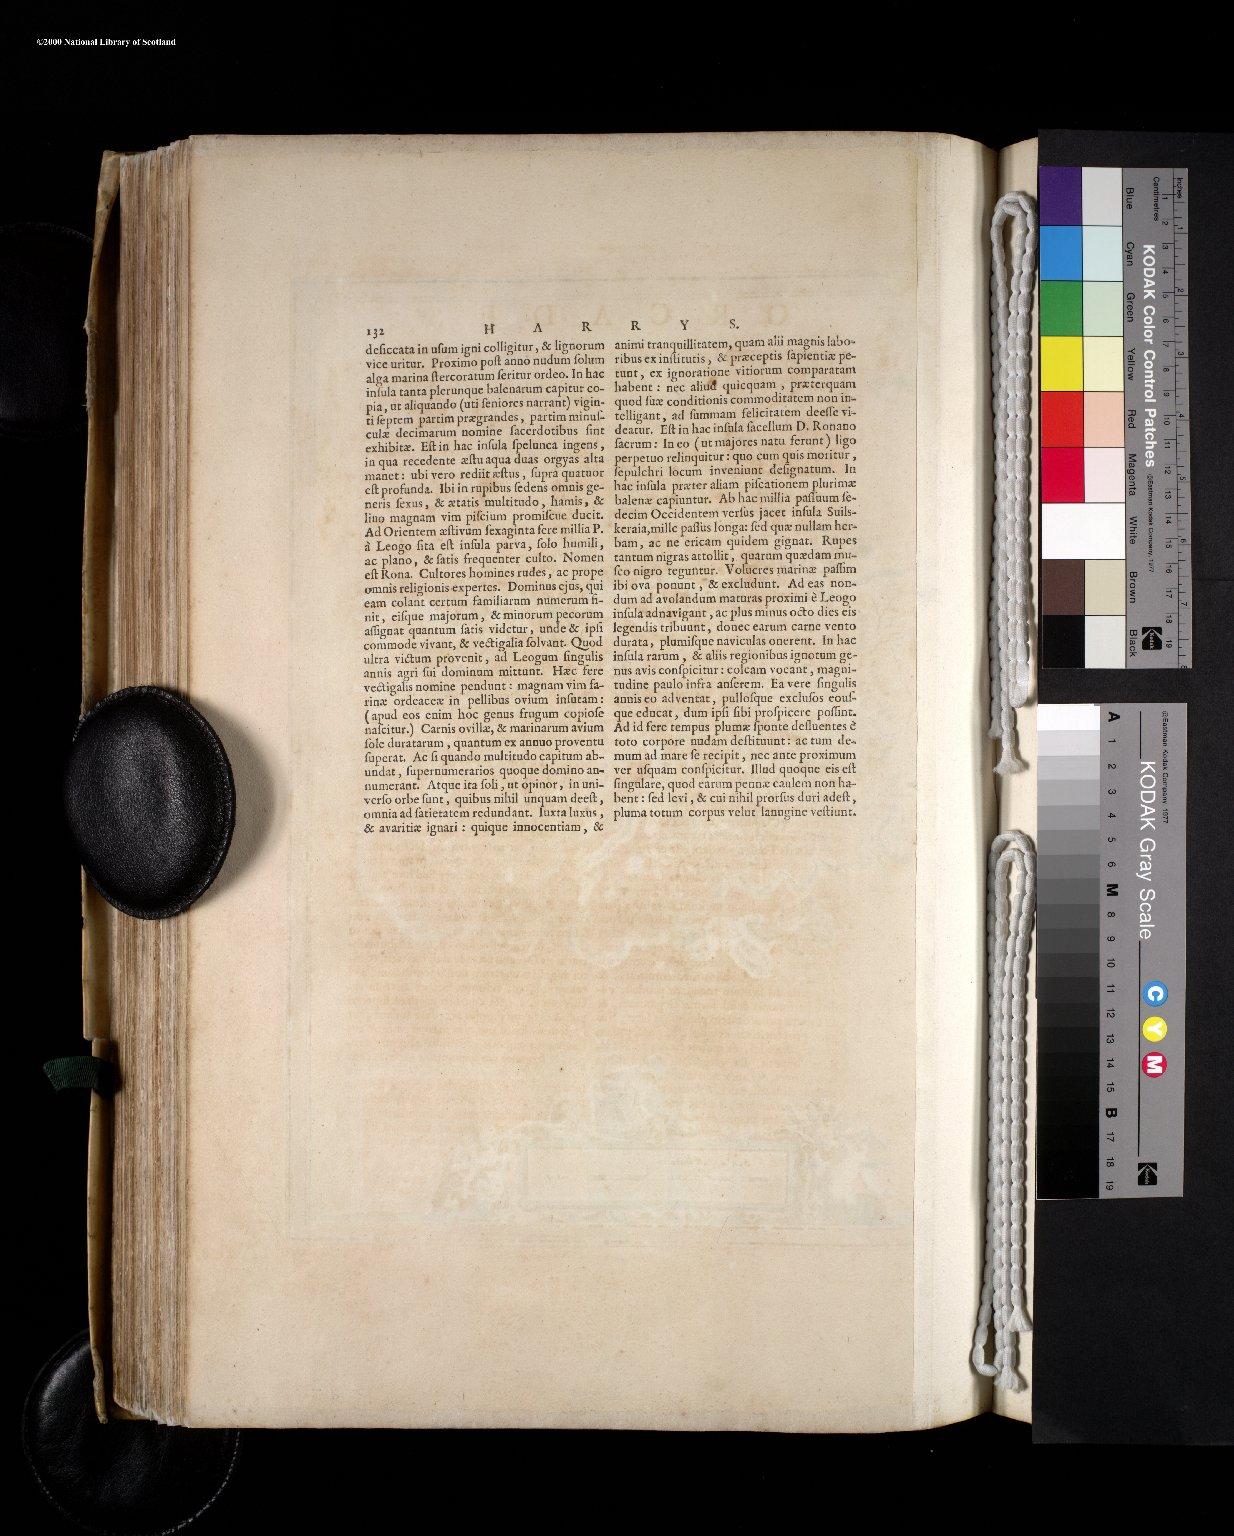 LEOGVS et HARIA, insulae ex Aebudarum numero, quae , quamquam isthmo cohaereant, pro diversis habentur. [3 of 3]